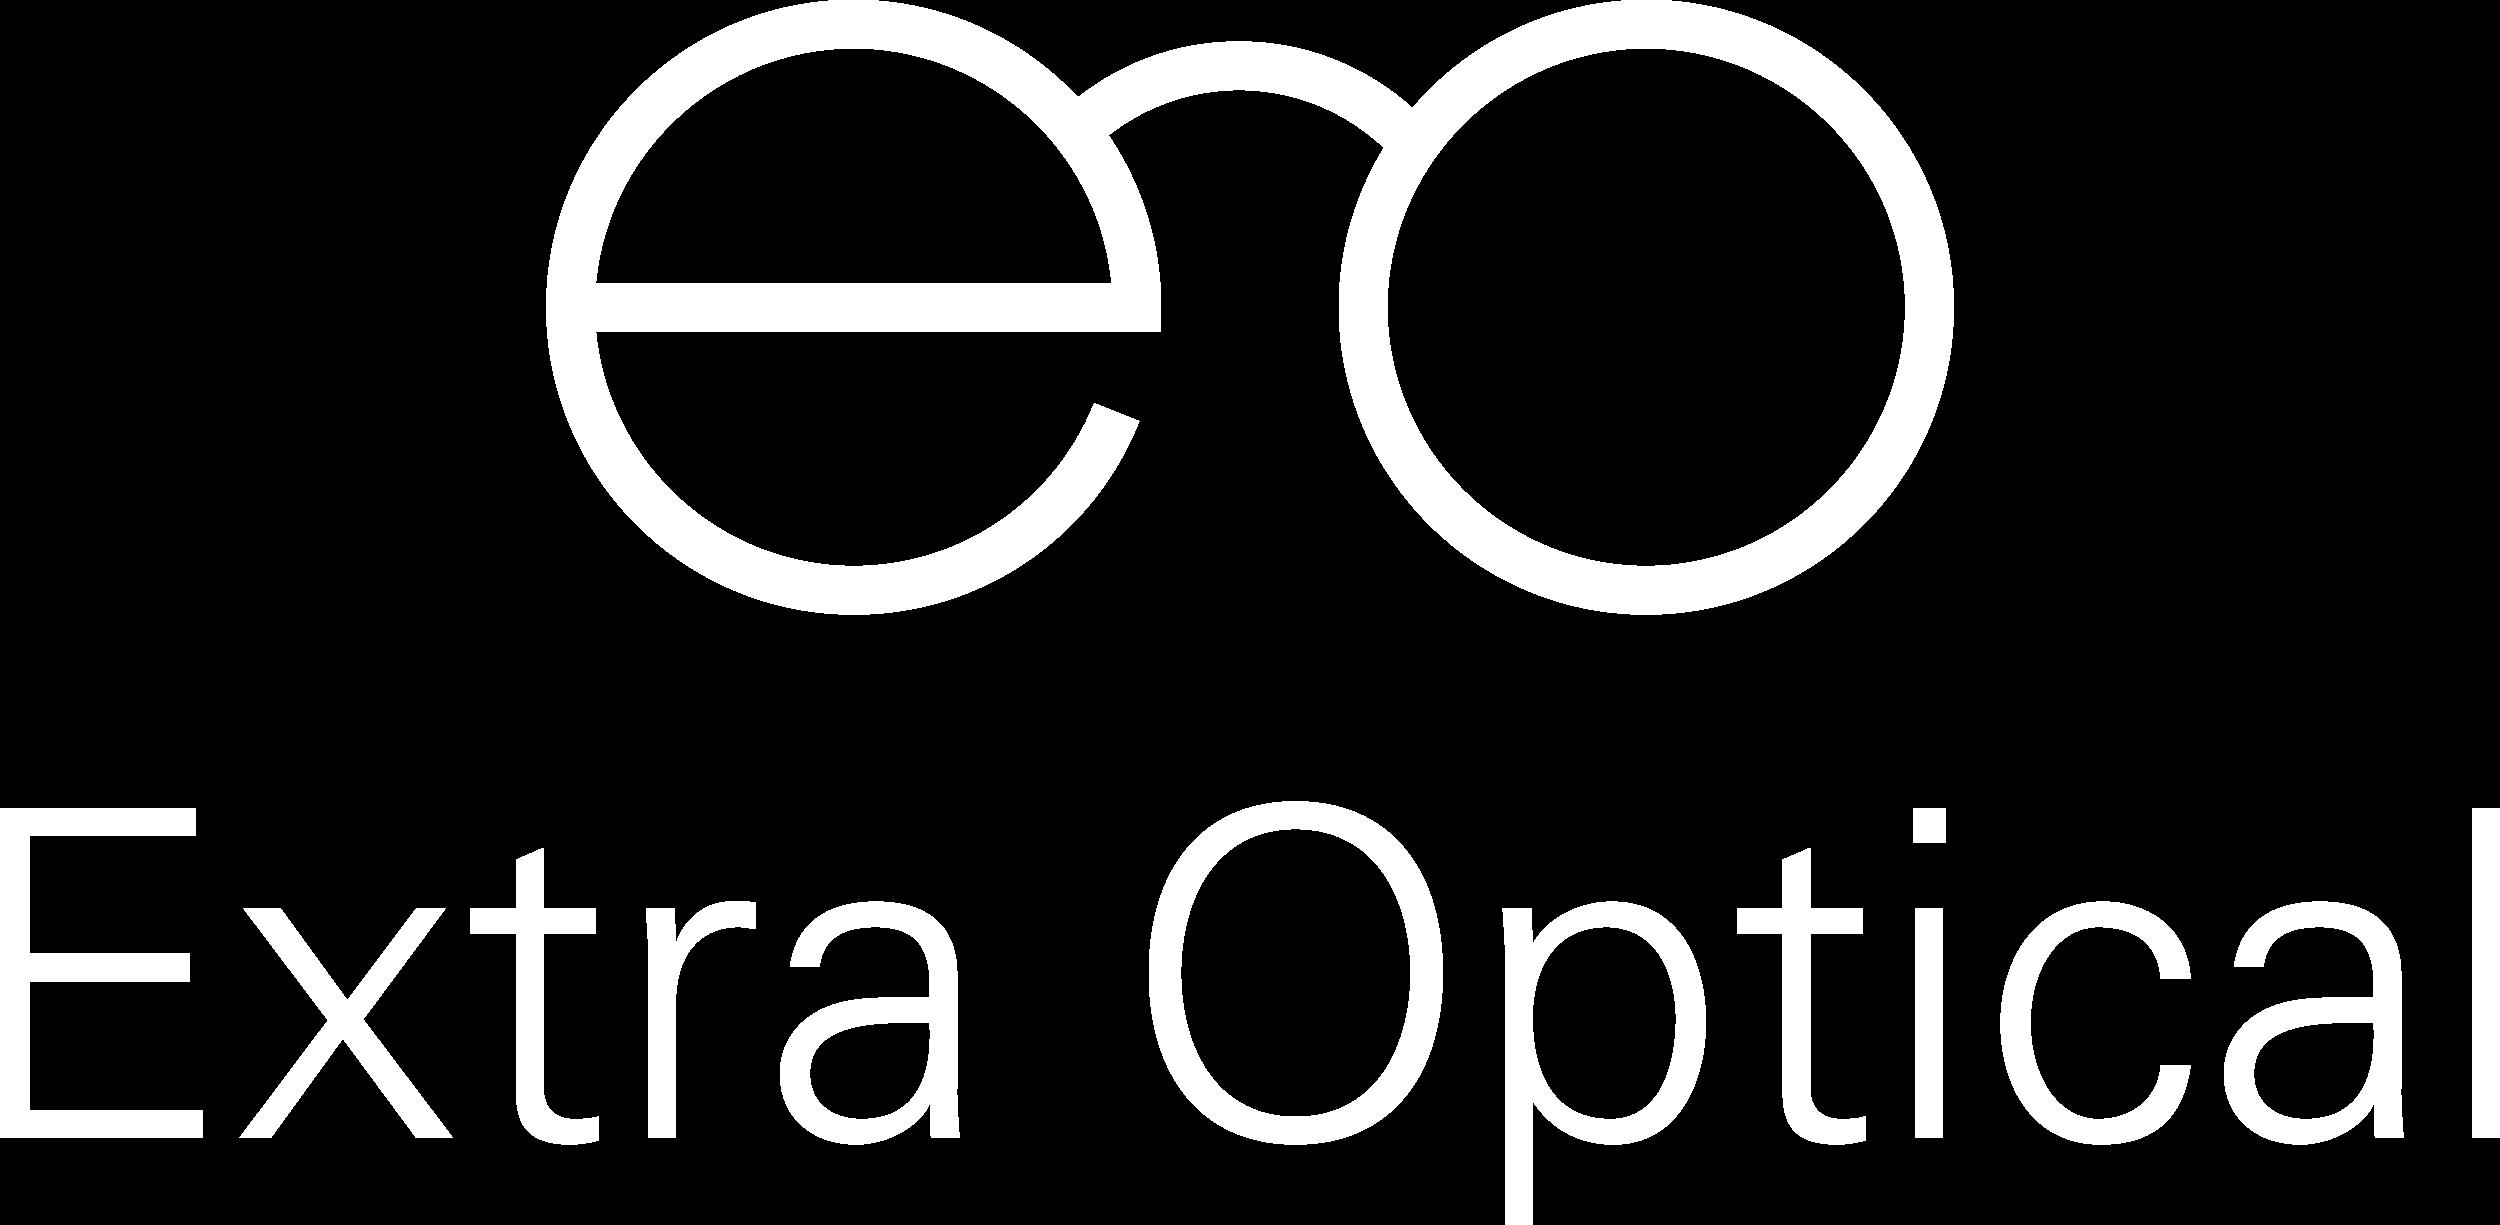 Logo for Extra Optical